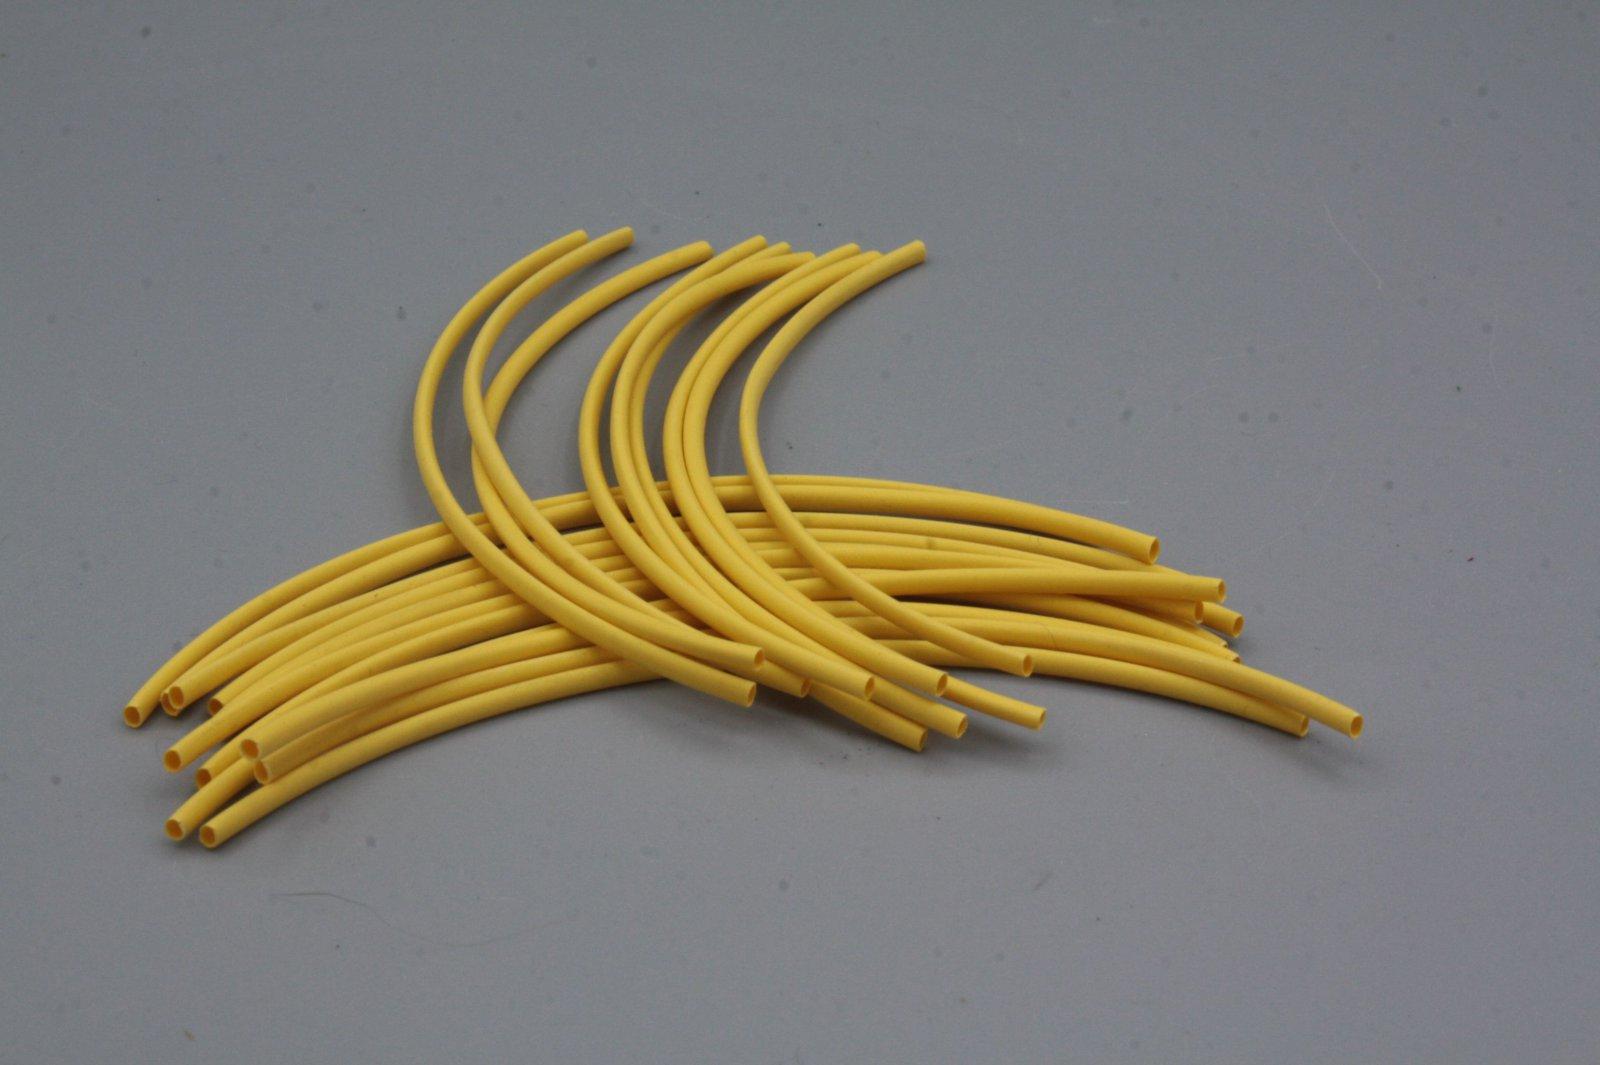 Schrumpfschlauch 1,2 mm gelb 2 m in Stücken je 10 cm